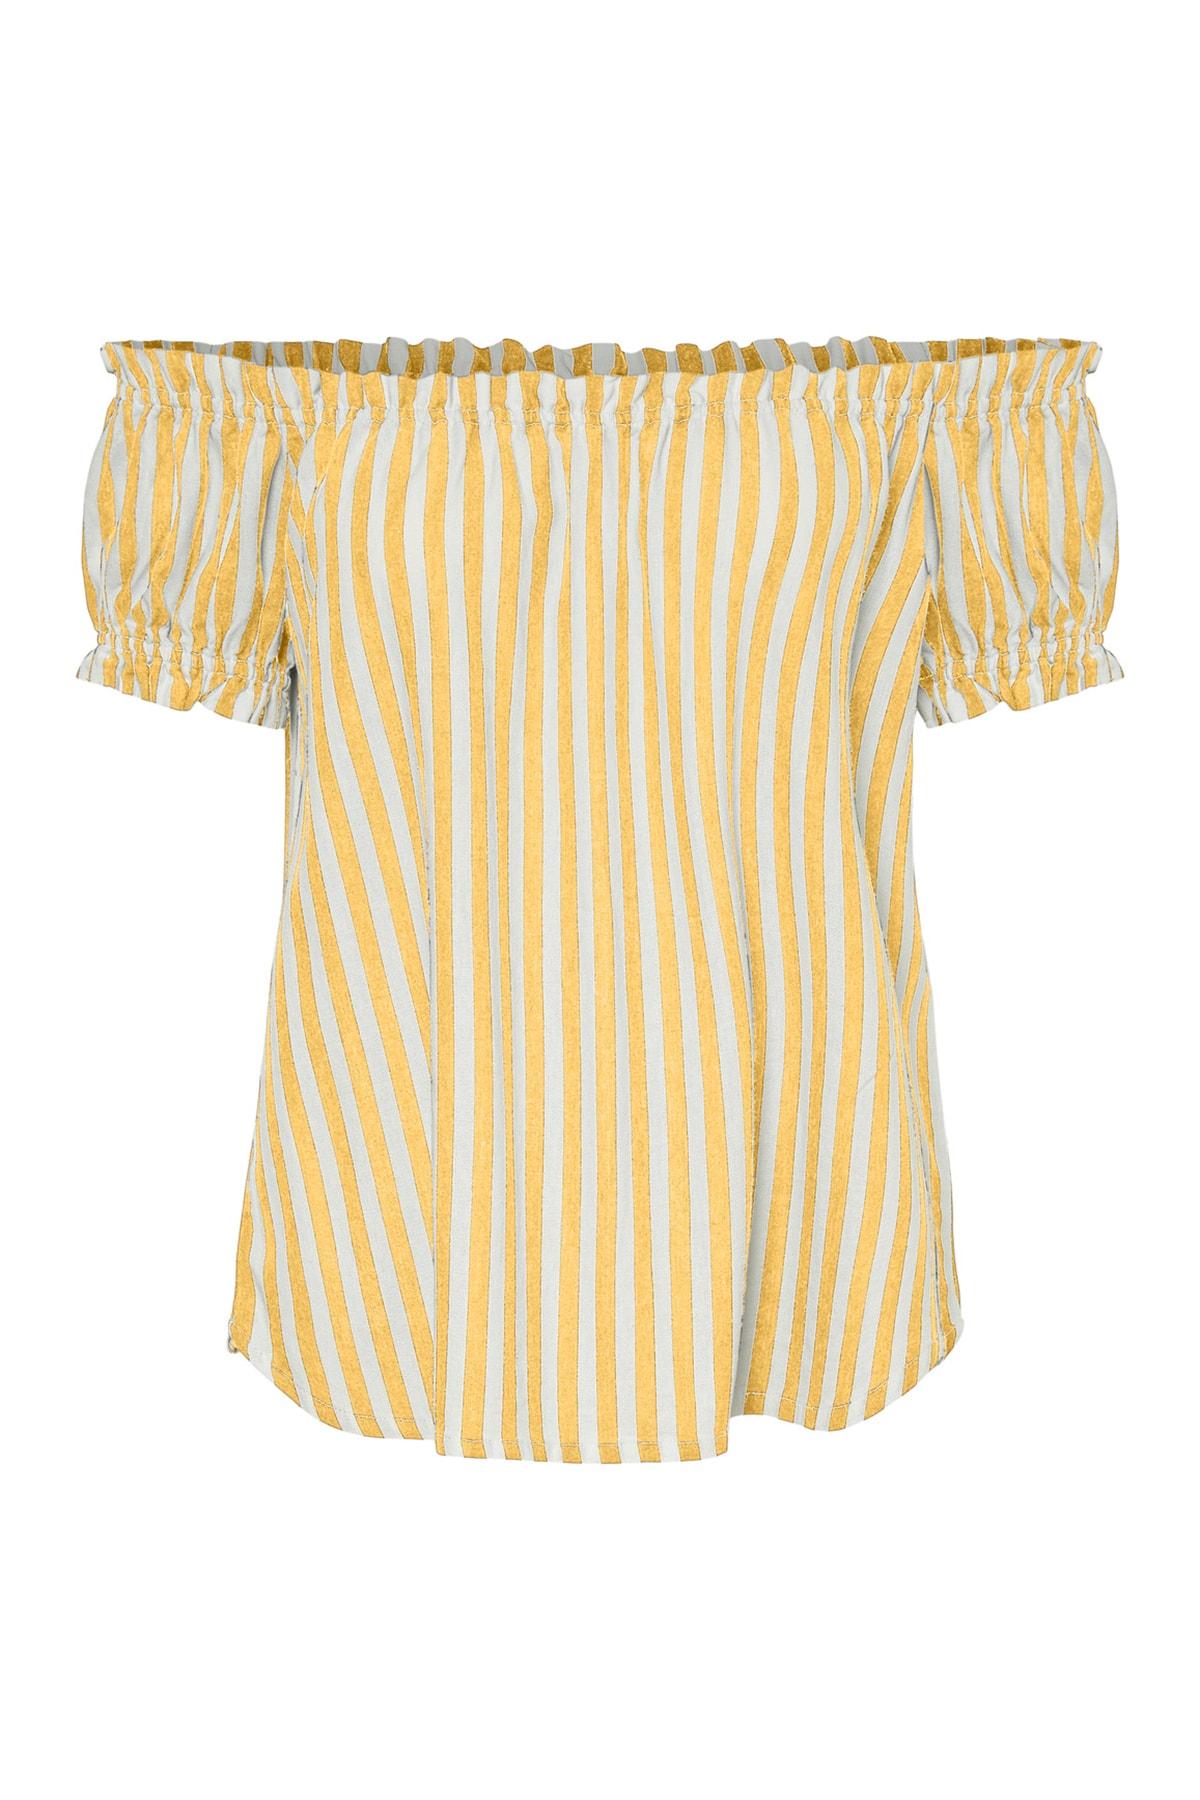 Vero Moda Kadın Sarı Carmen Yaka Çizgili Bluz 10228973 VMHELENMILO 2